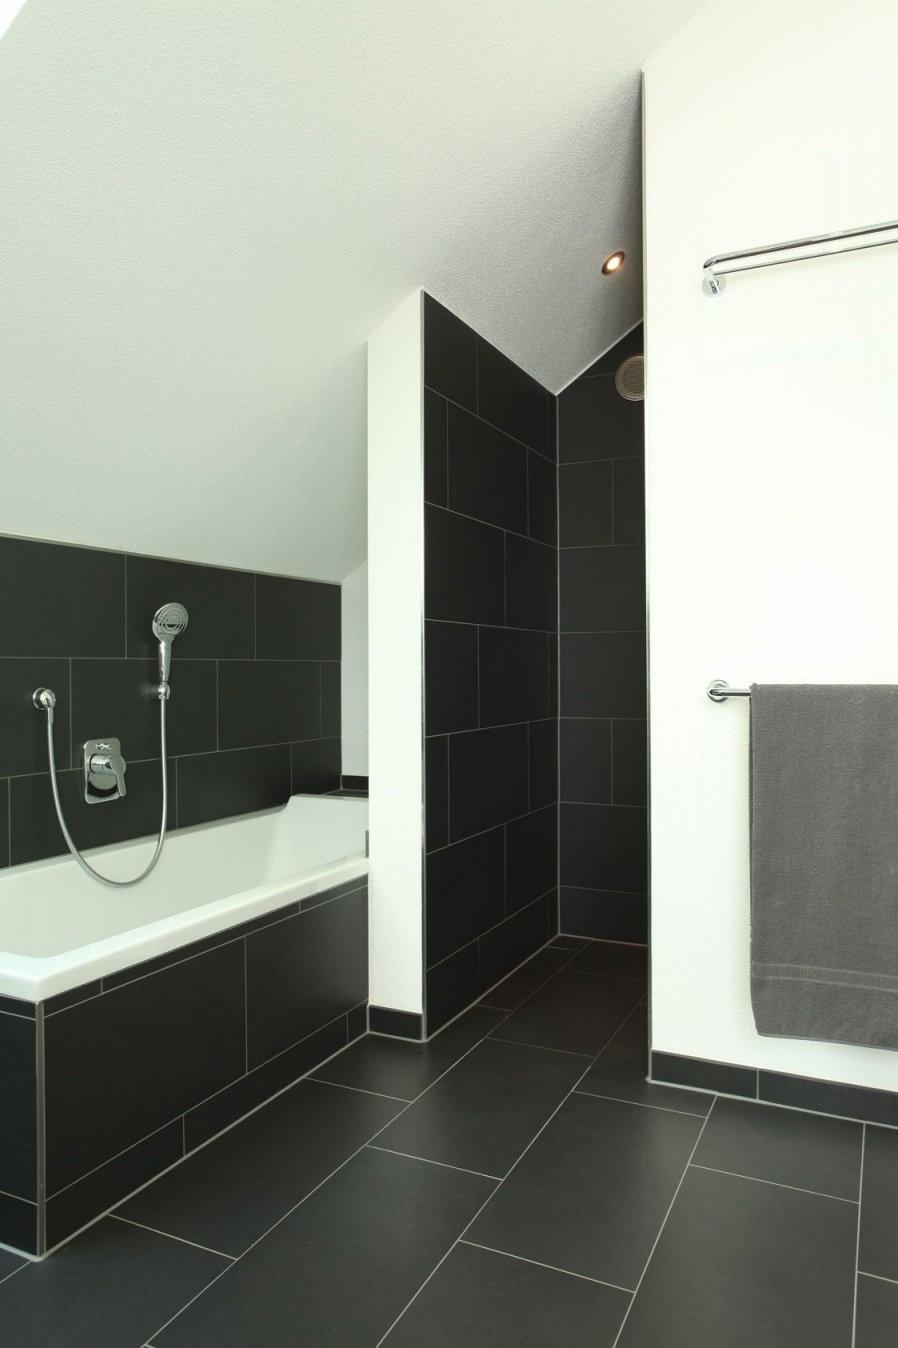 Duschnische Und Badewanne Mit Dunklen Fliesen  Einfamilienhaus von Dunkle Fliesen Wohnzimmer Bilder Photo